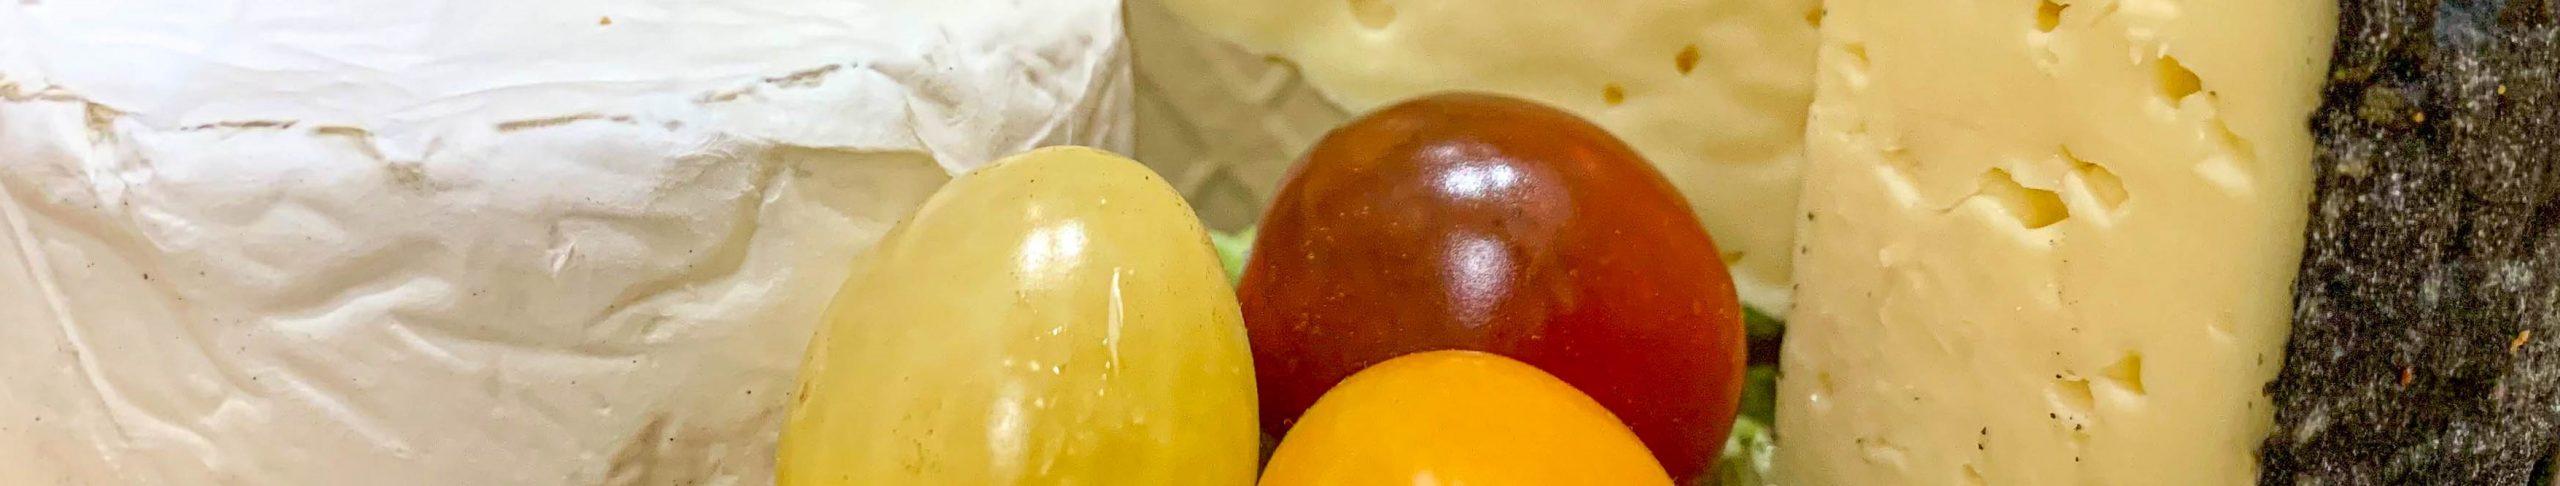 Käse und Obst auf Sommers Hof